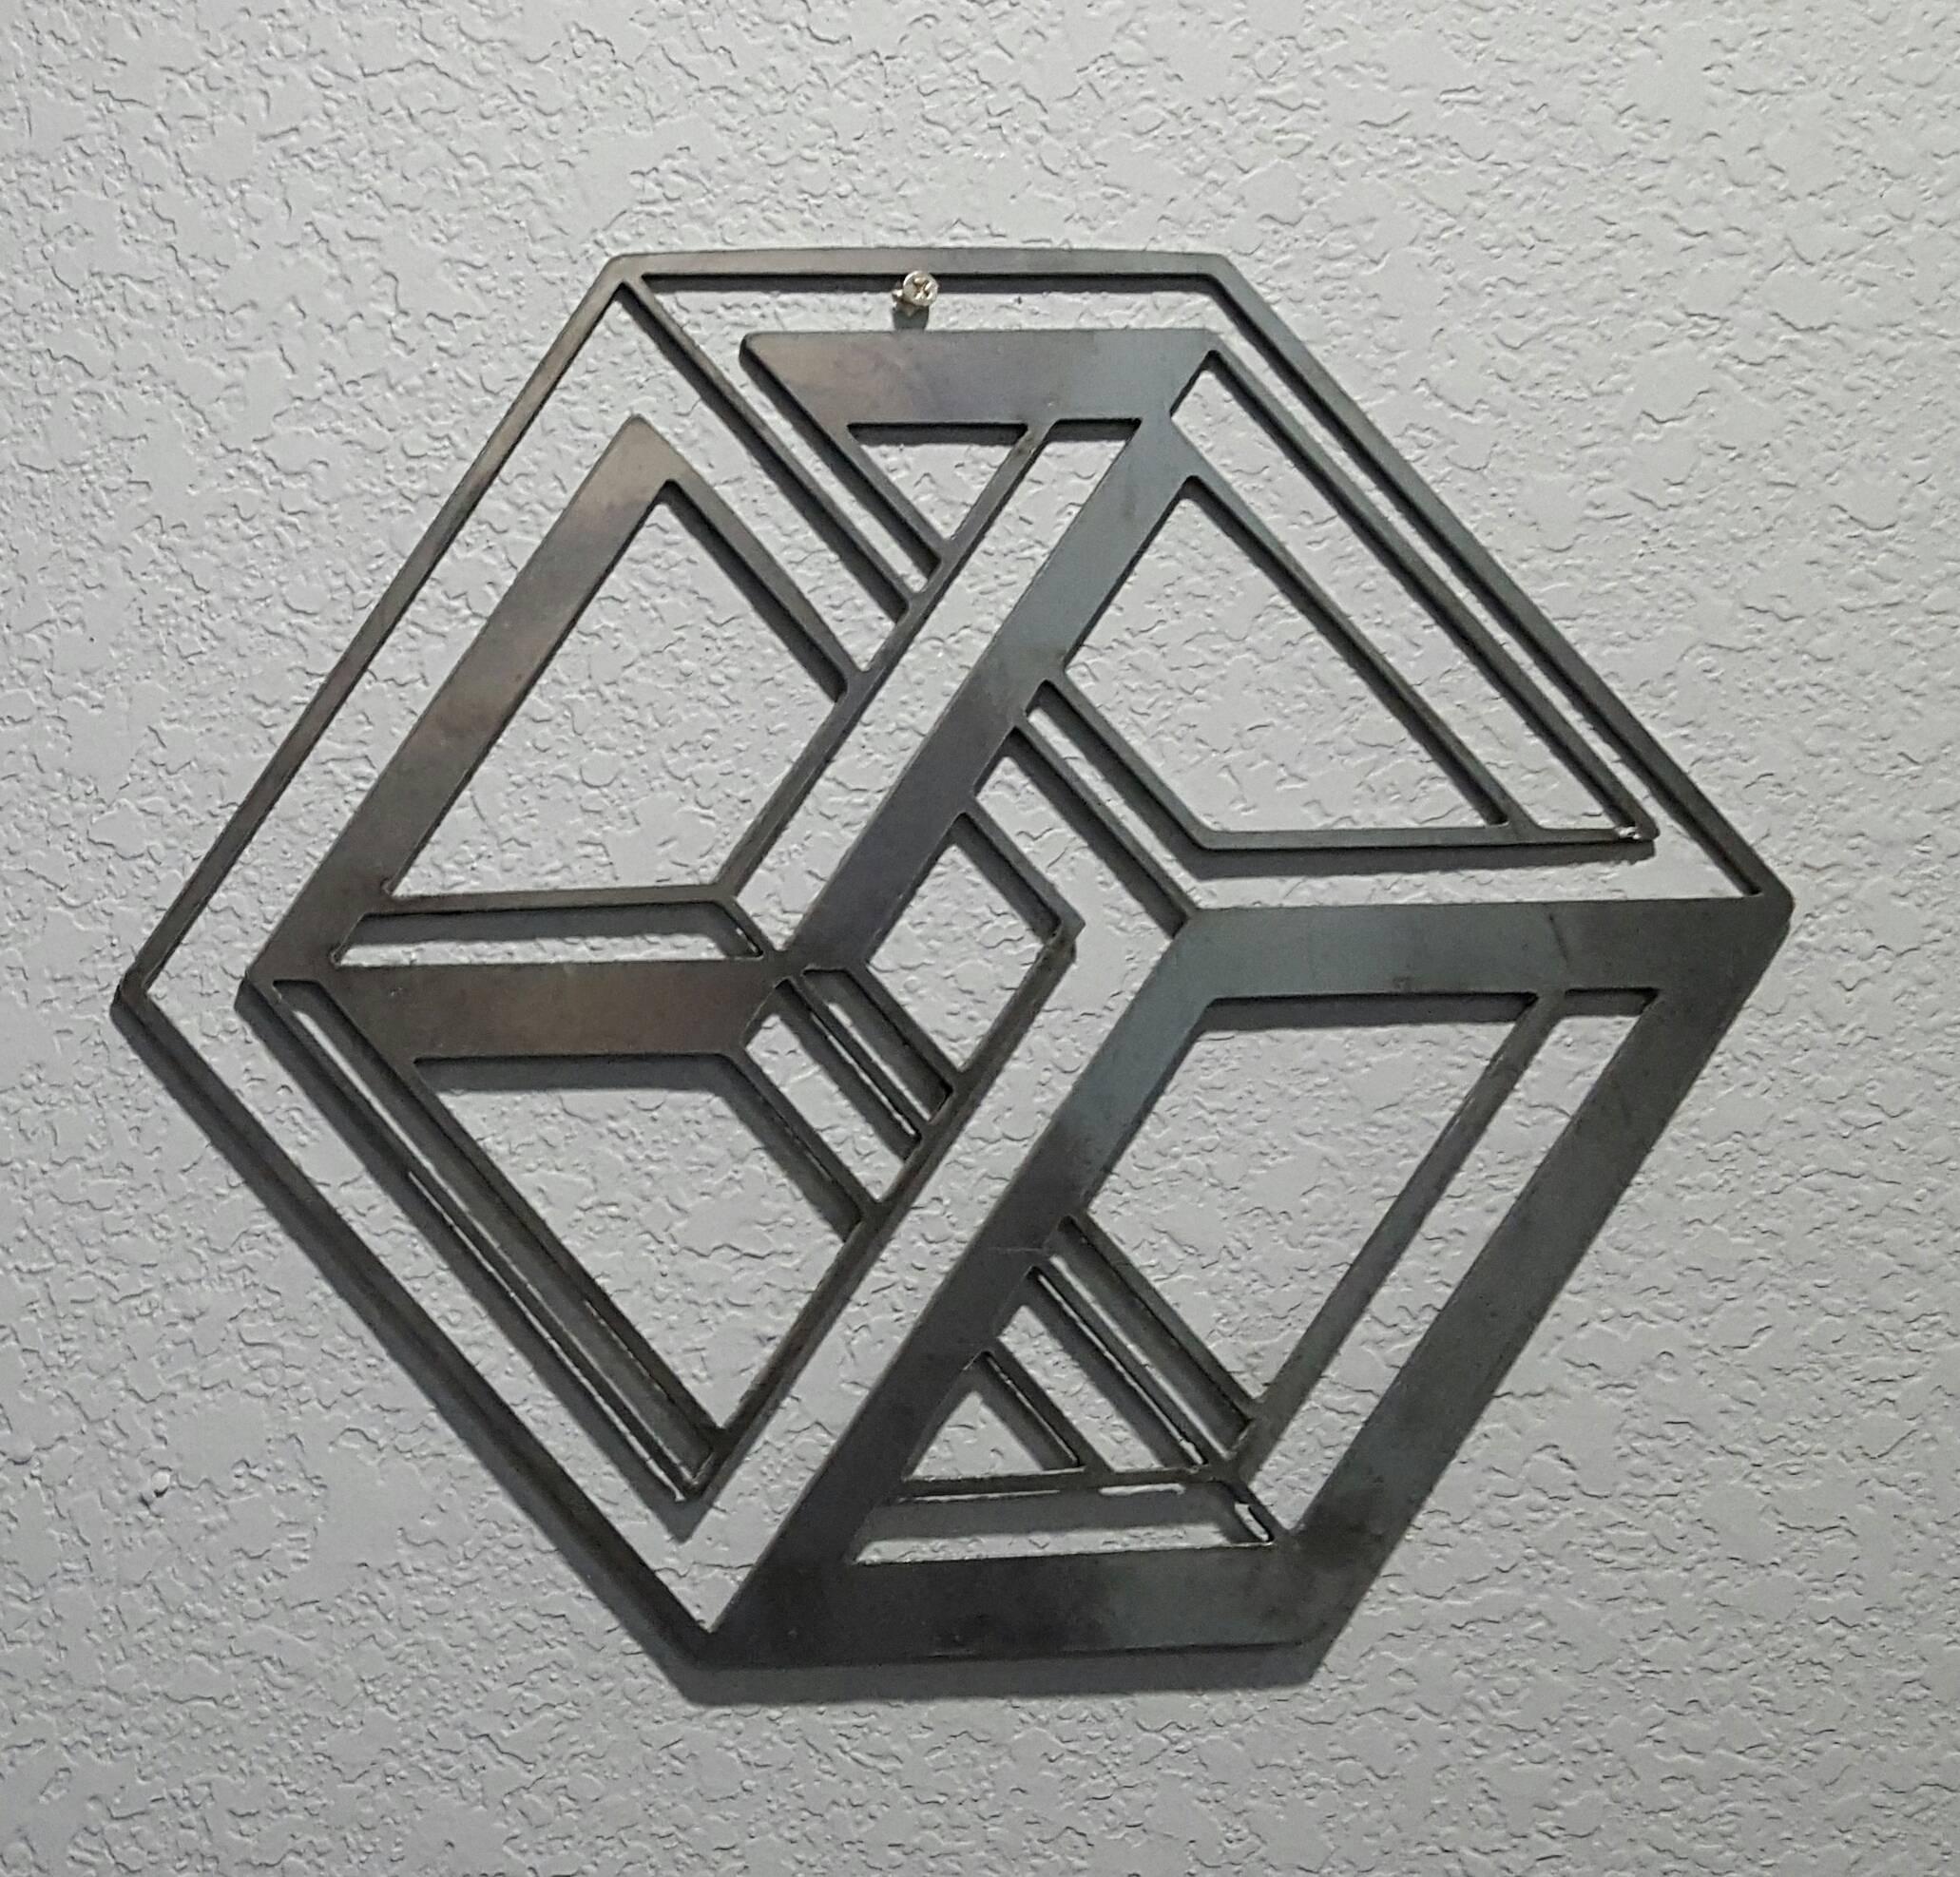 3D Cube Metal Wall Art | Blue Collar Welding Llc Throughout Recent Cubes 3D Wall Art (Gallery 5 of 20)